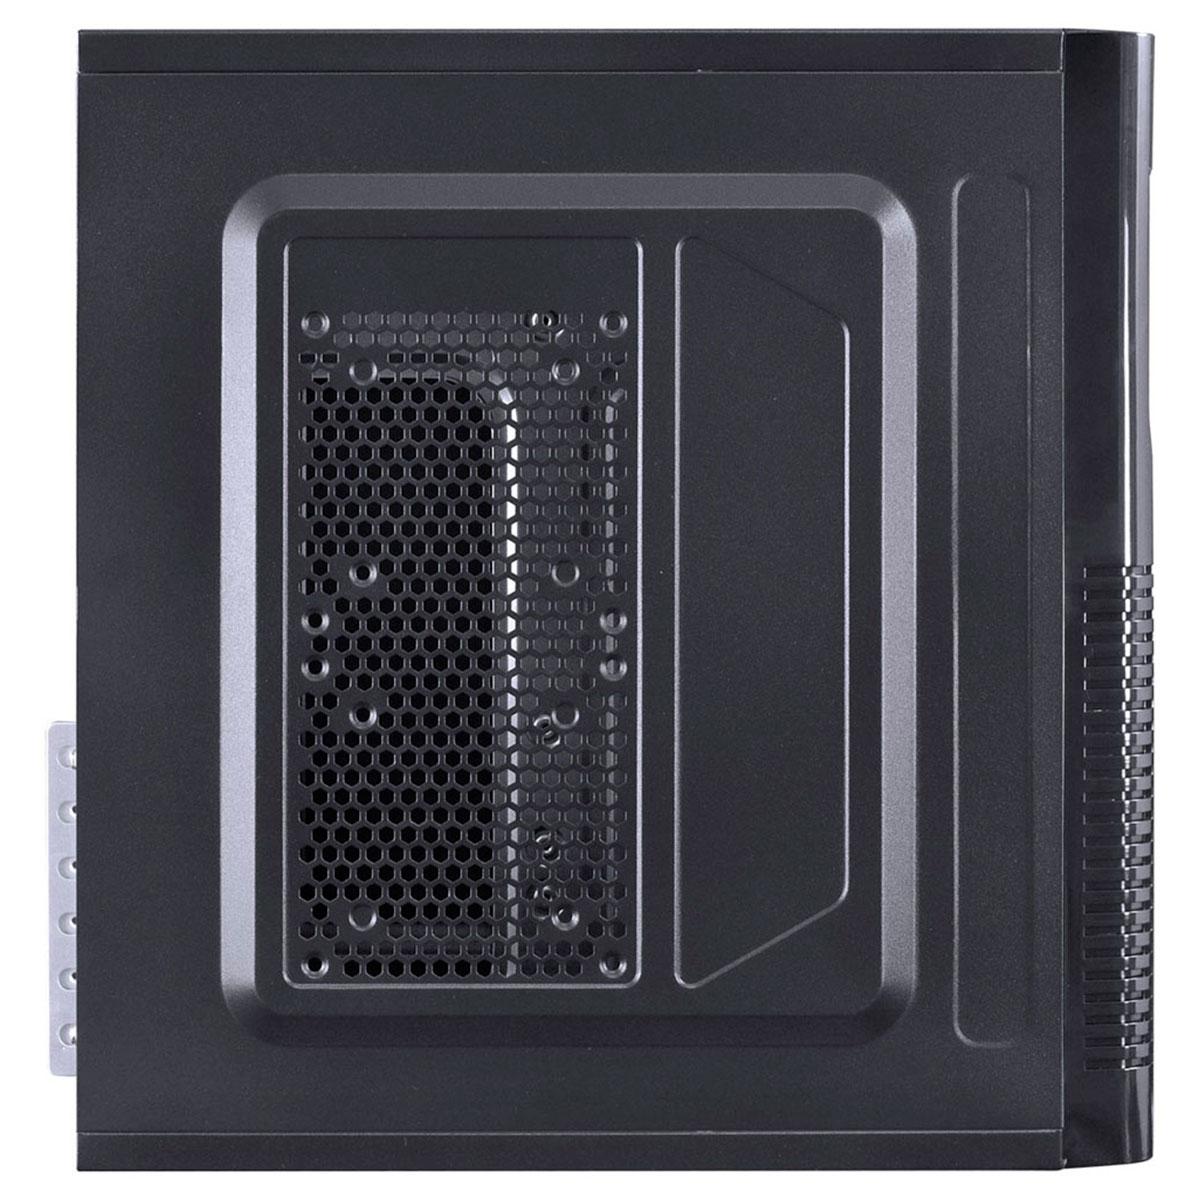 Gabinete Gamer Vinik VX Gaming Orion, Com Fan LED Vermelho Frontal - 29835